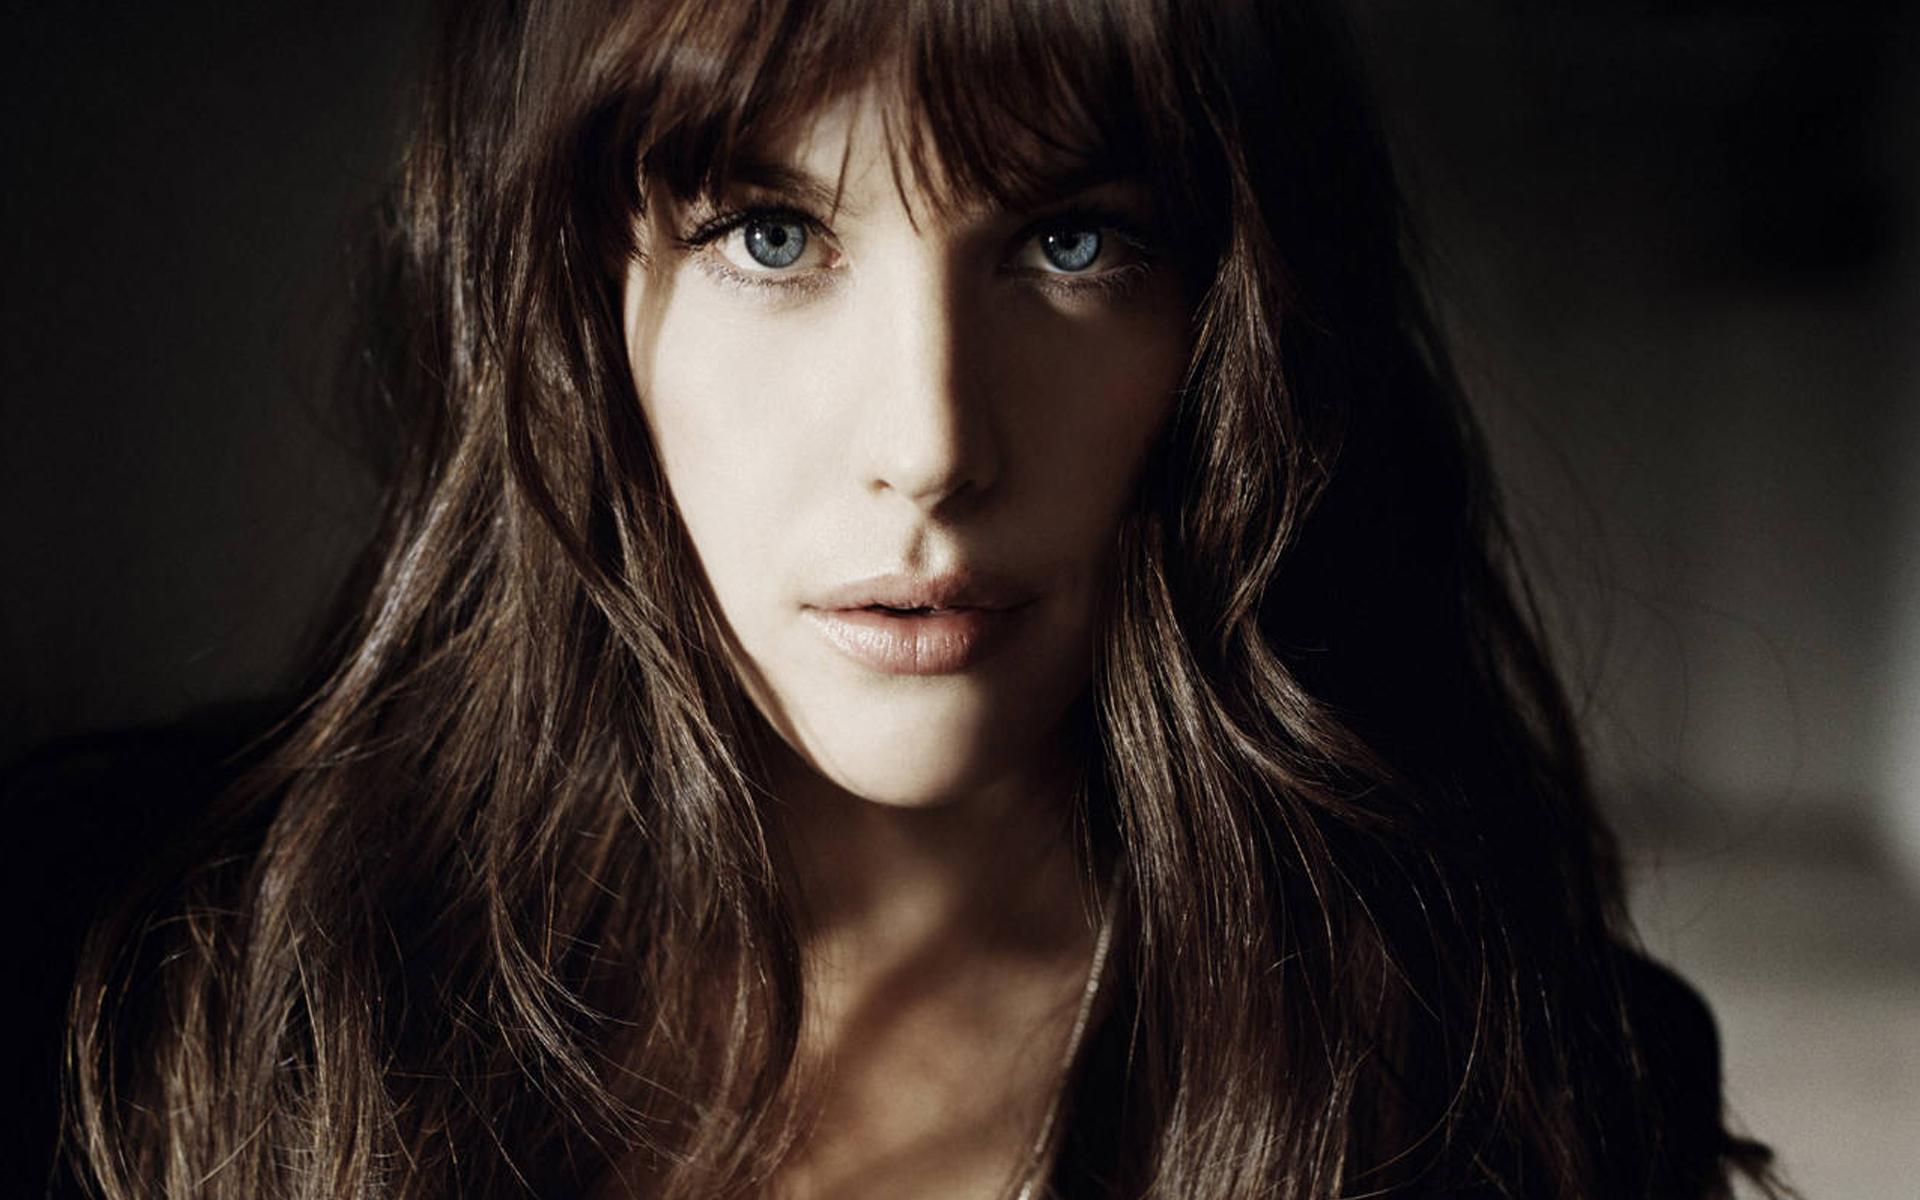 Chica de ojos azules bella - 1920x1200